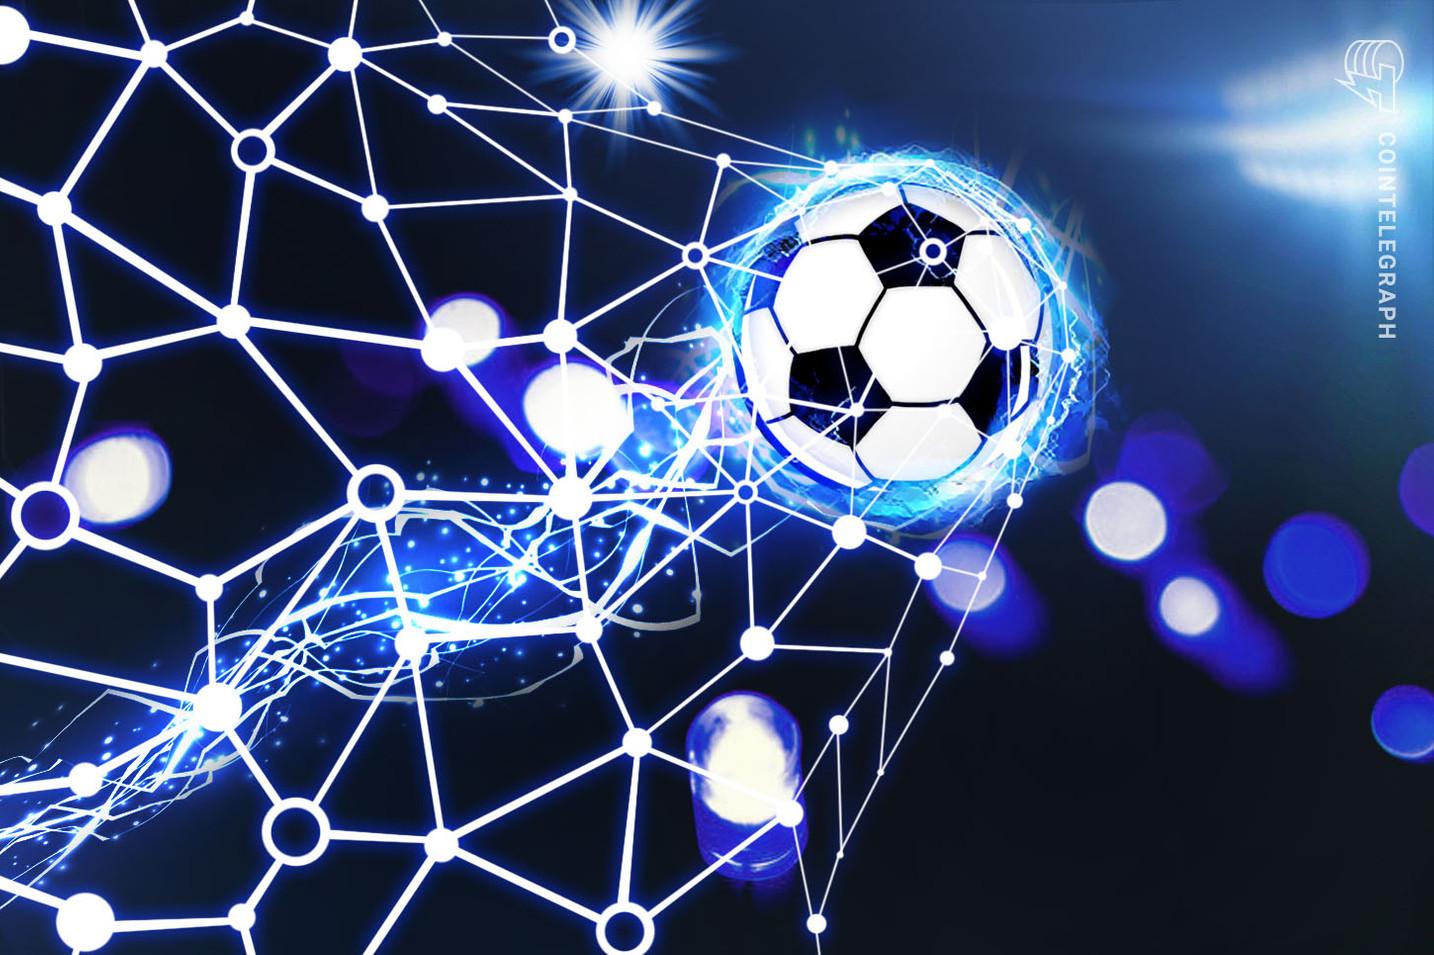 Los estadios vacíos consiguen que la tecnología Blockchain y el fútbol jueguen juntos